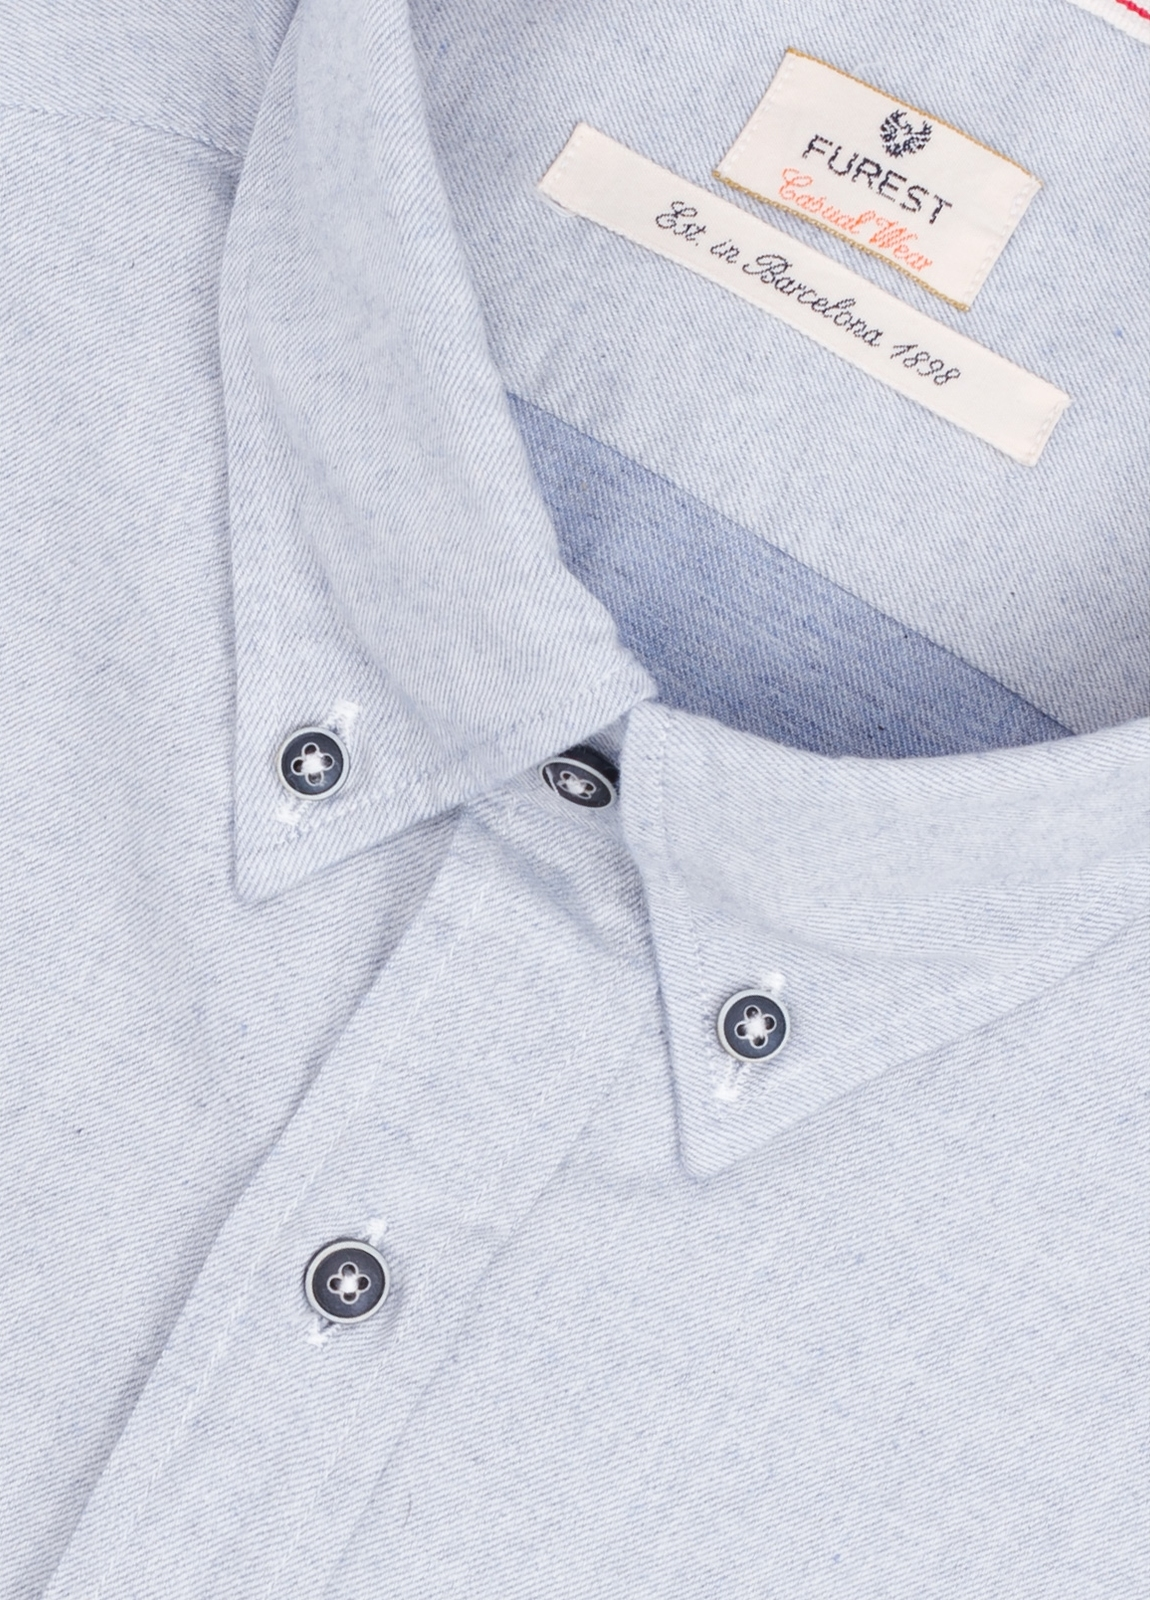 Camisa Casual Wear SLIM FIT Modelo BOTTON DOWN textura color gris con bolsillo en pecho. 100% Algodón. - Ítem1